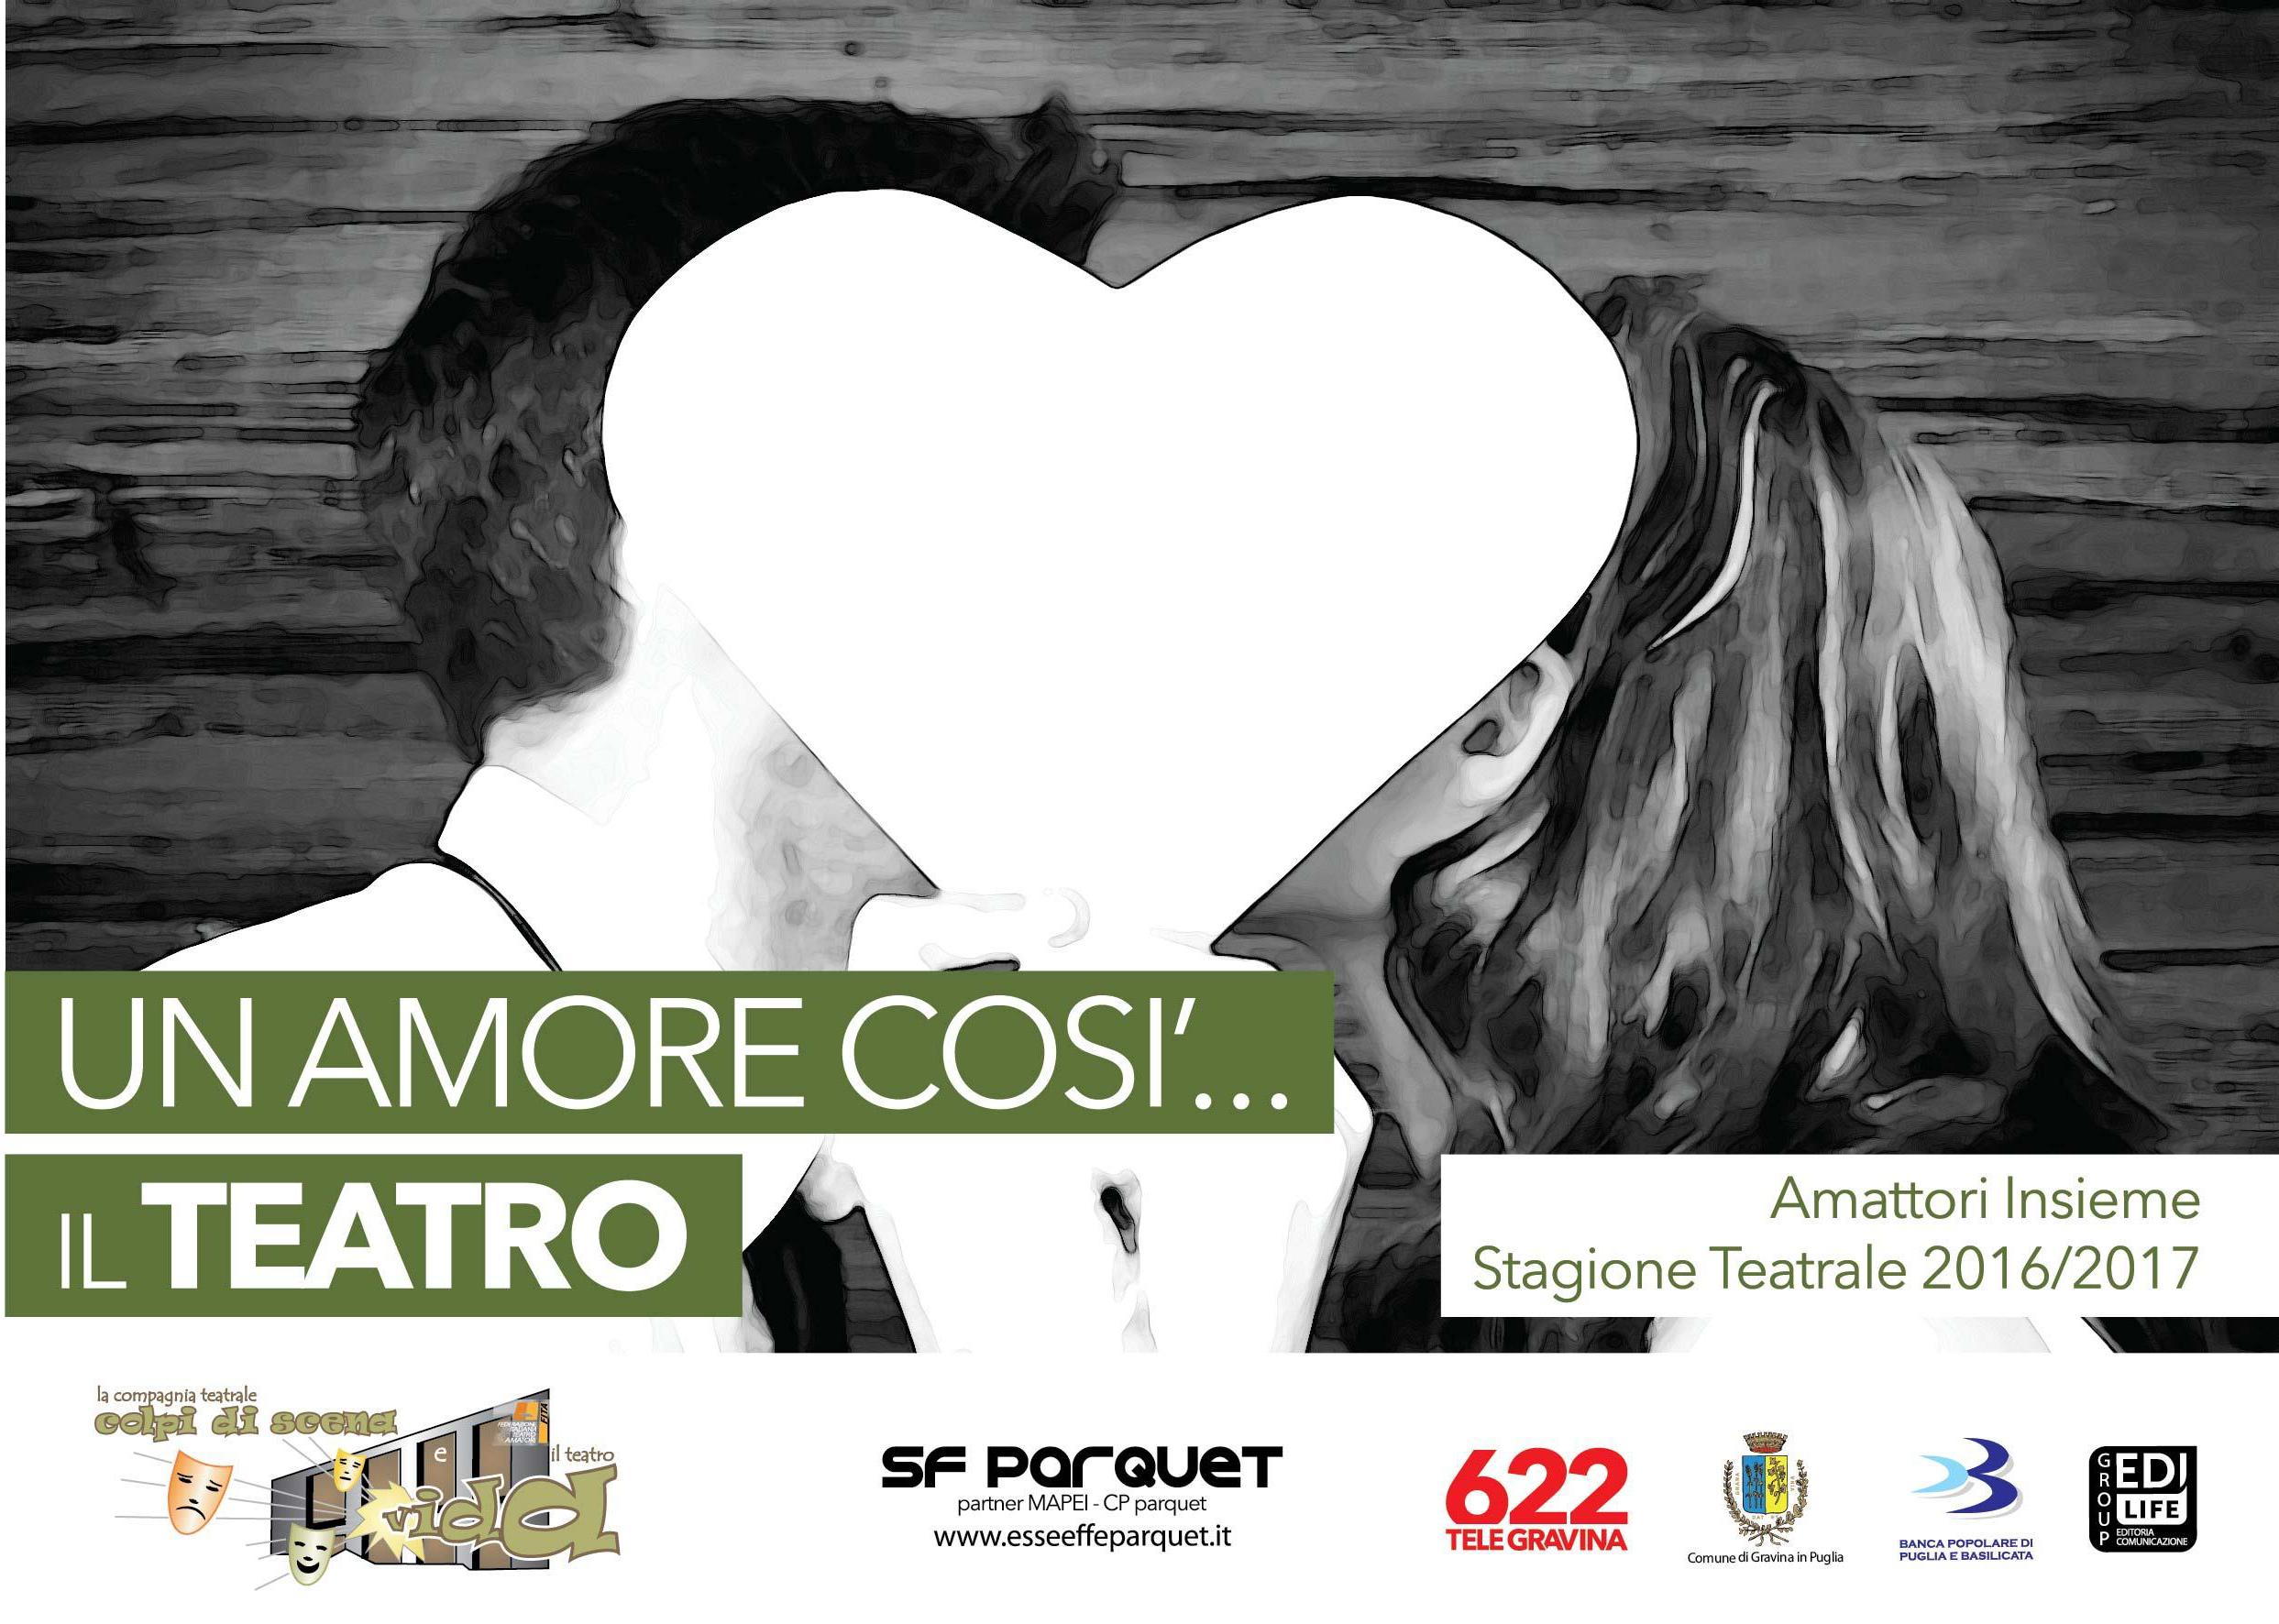 All'Amattori insieme di Gravina di Puglia e non solo. Un fine settimana che non dimenticheremo.